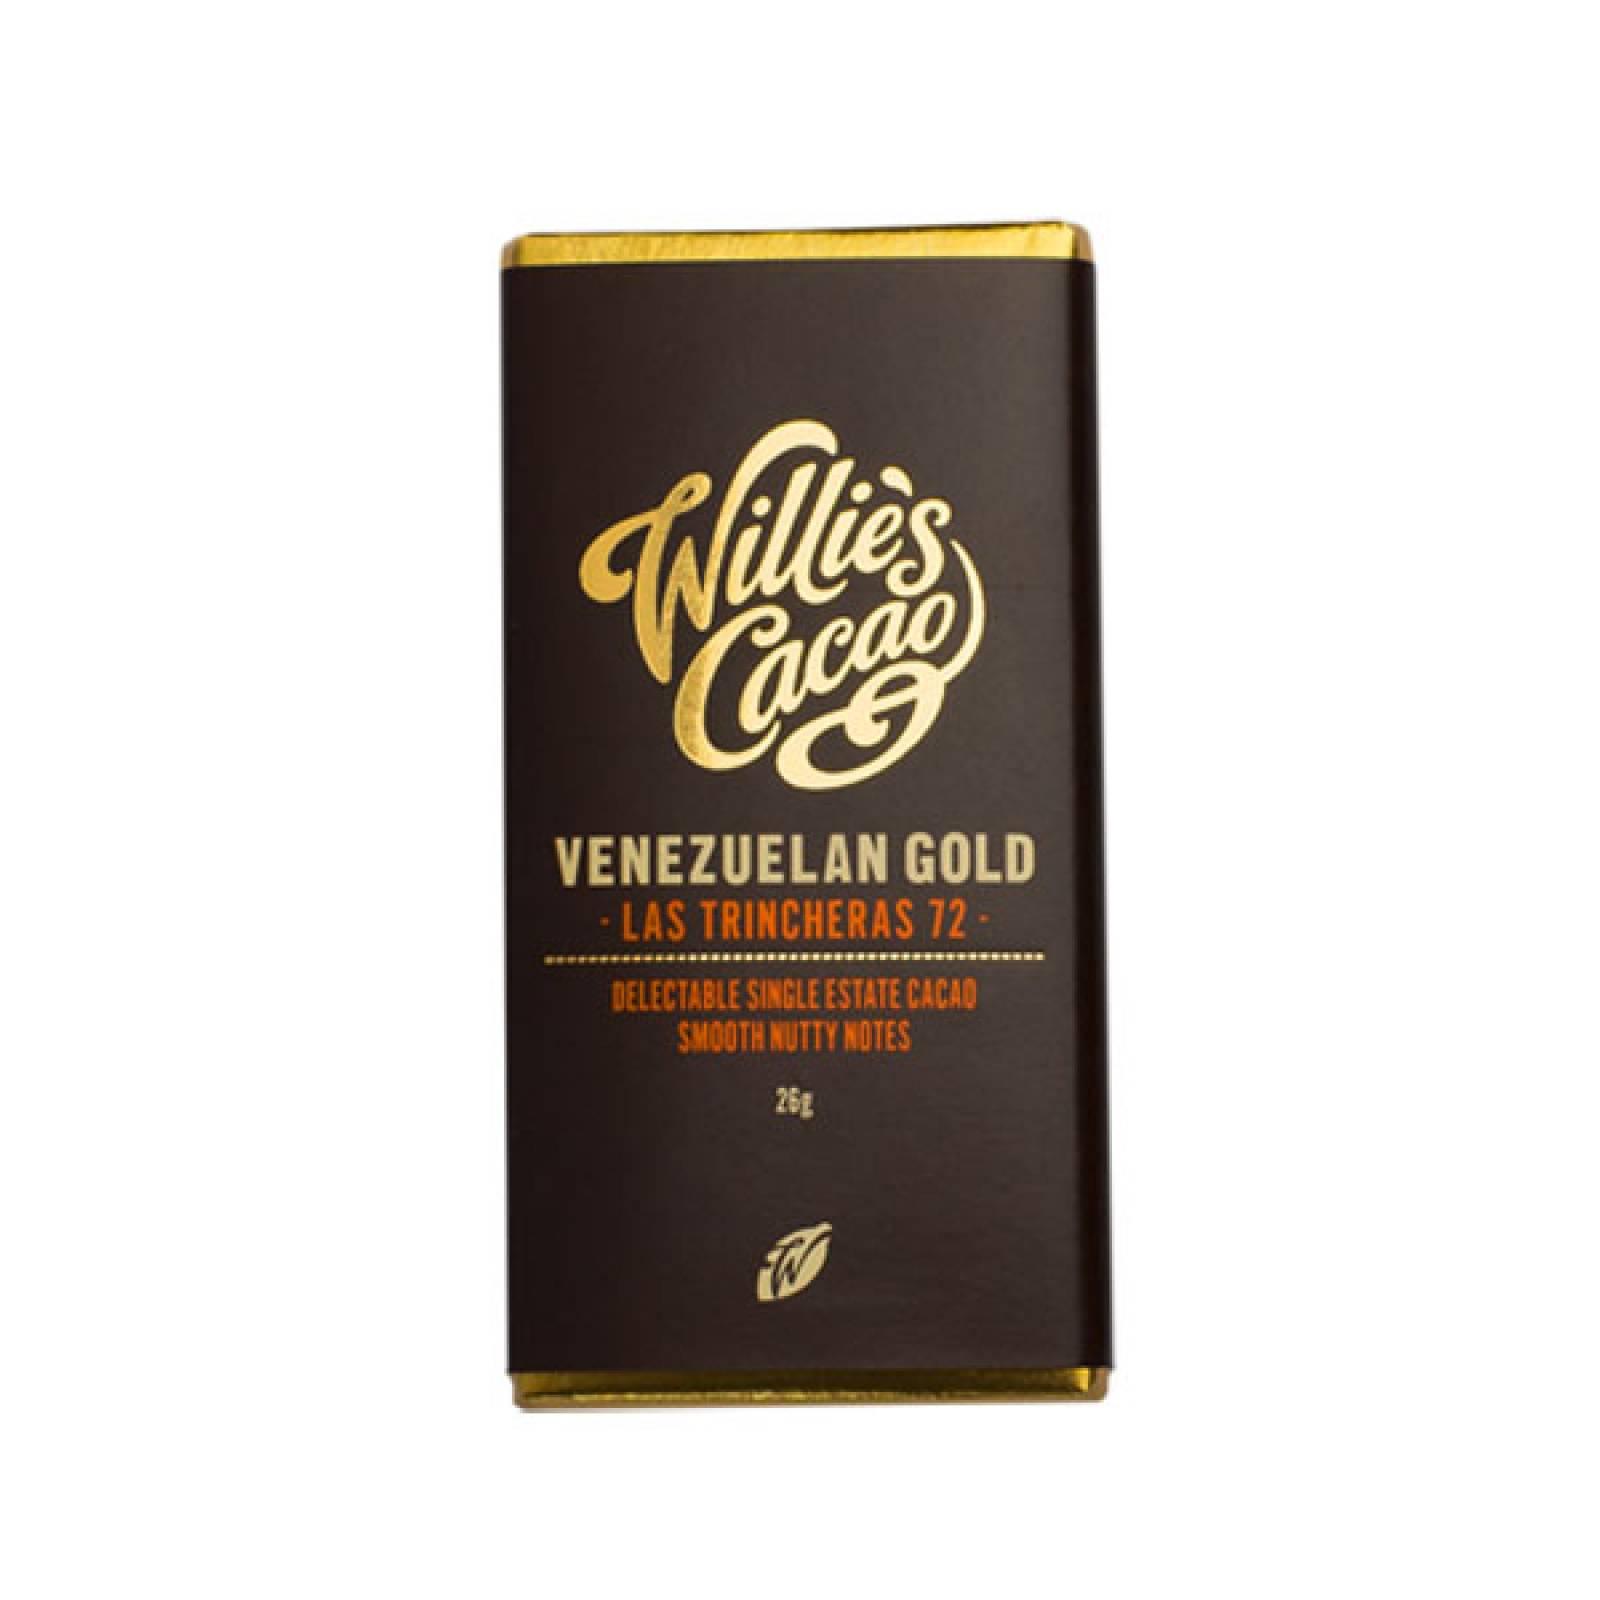 Las Trincheras Gold Dark Chocolate Bar 26g Willie's Cacao